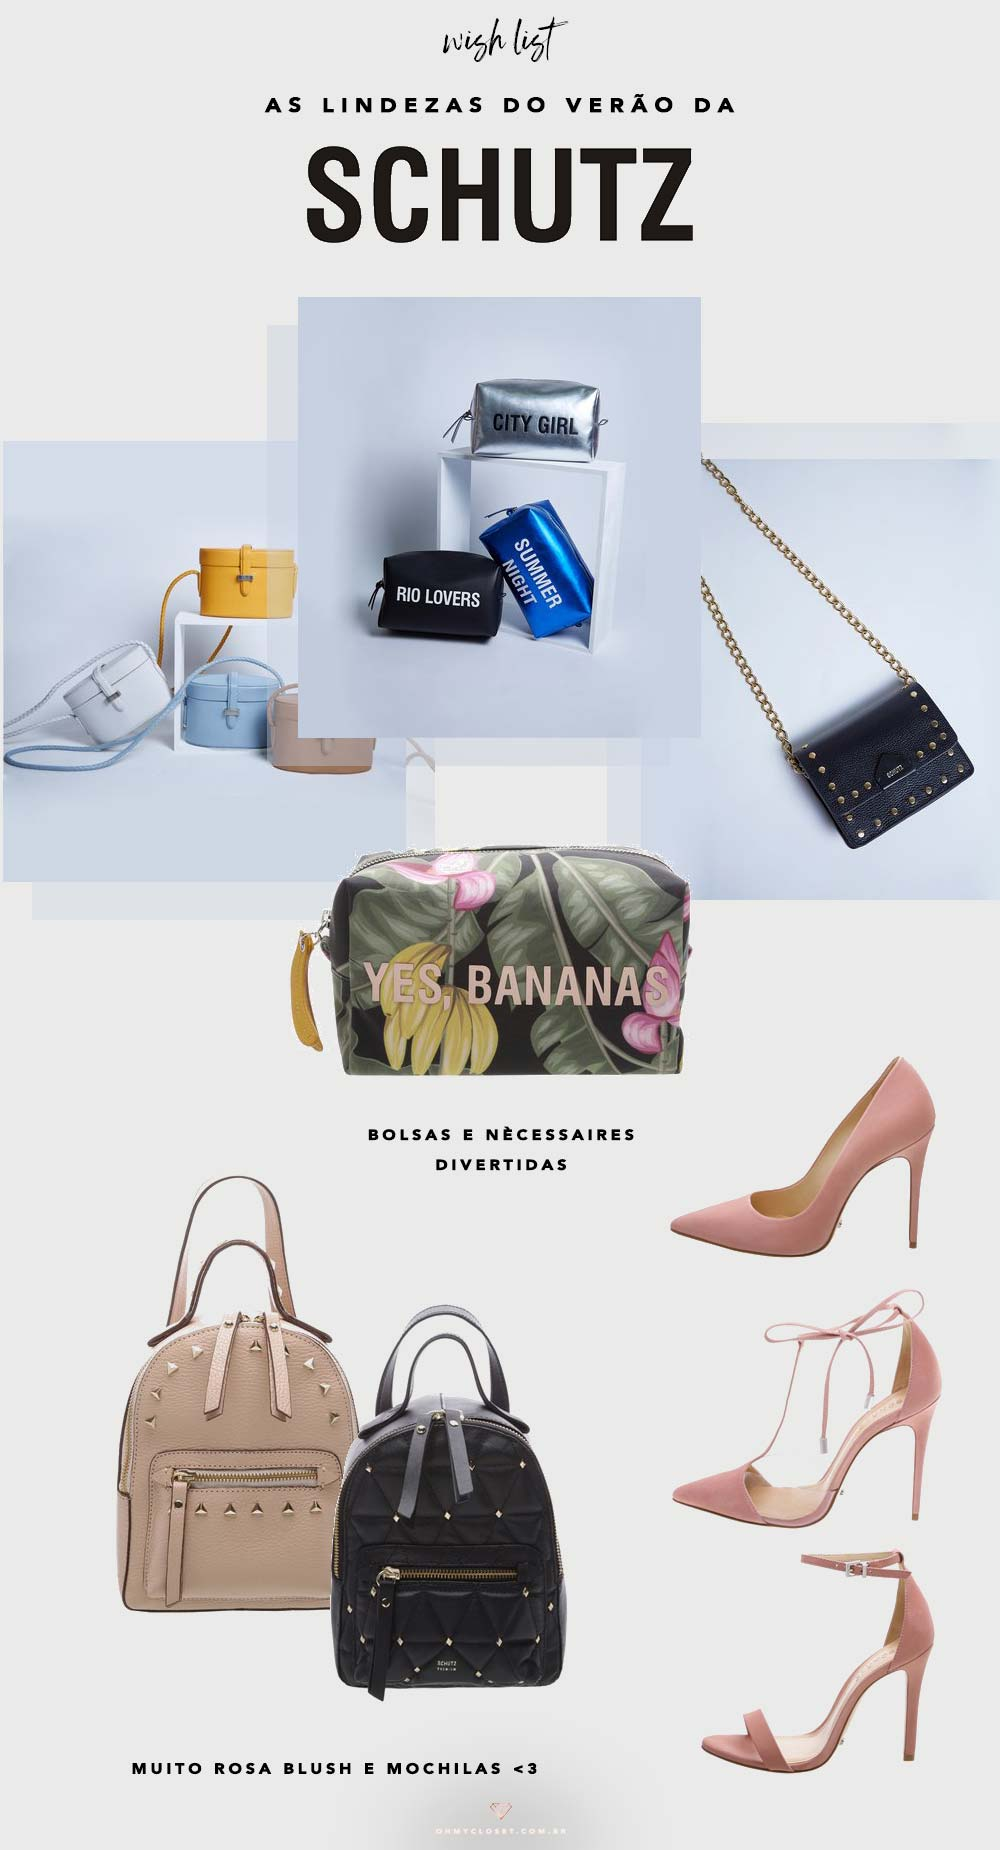 Veja as bolsas e sapatos da coleção do verão 2018 da Schutz.